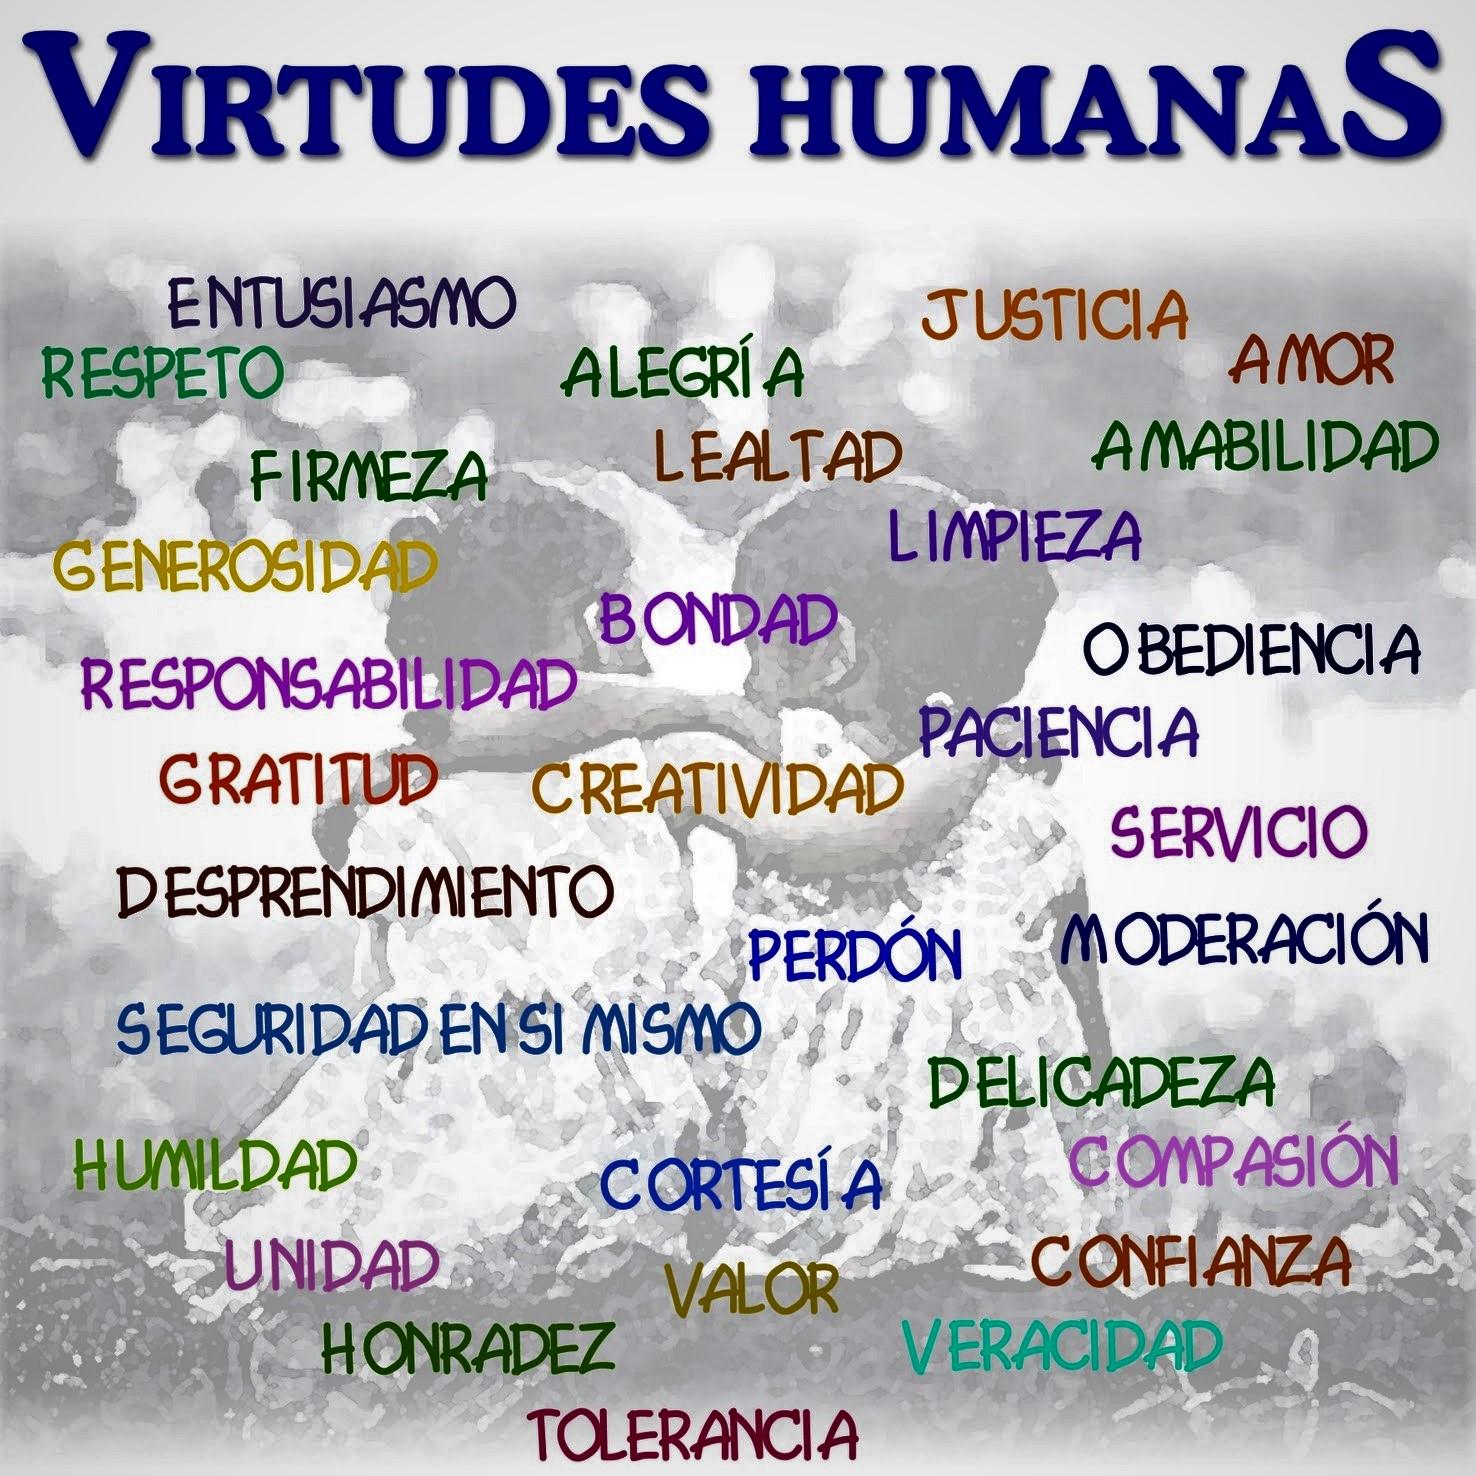 Diácono Luis Brea Torrens Las Virtudes Humanas